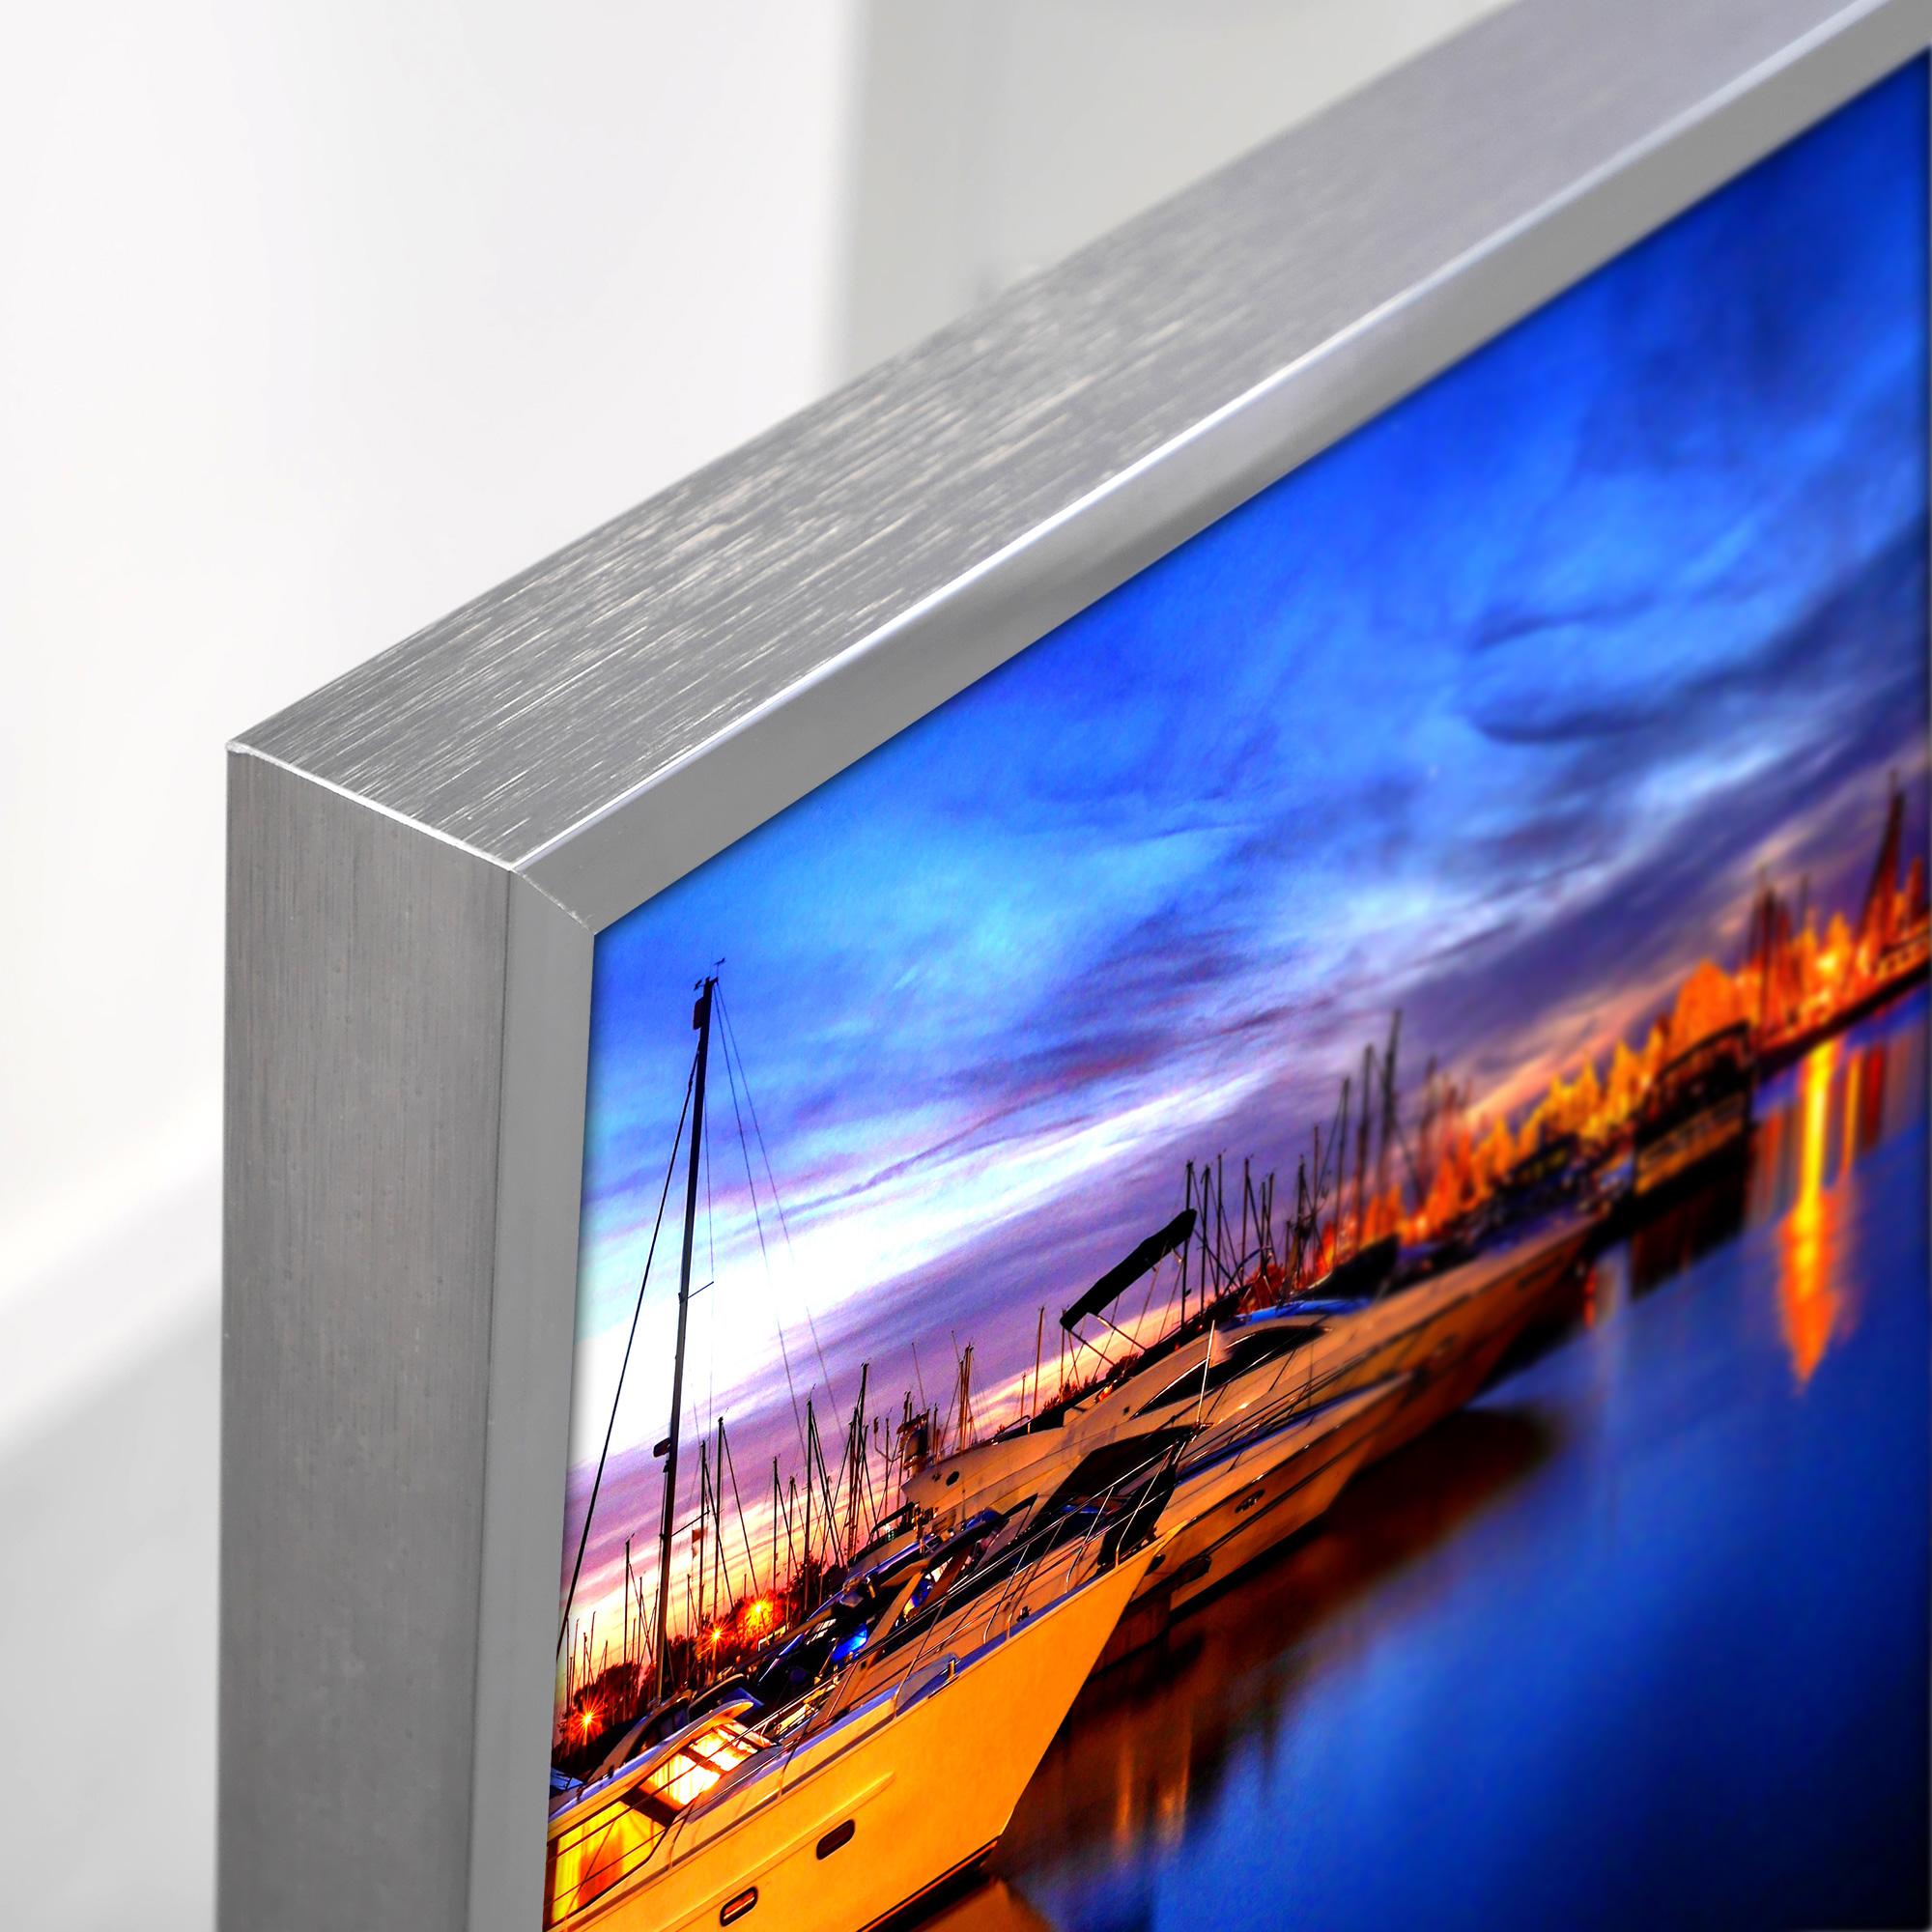 vasner panora infrarotheizung bild mit foto und motiv ihrer wahl individuell. Black Bedroom Furniture Sets. Home Design Ideas